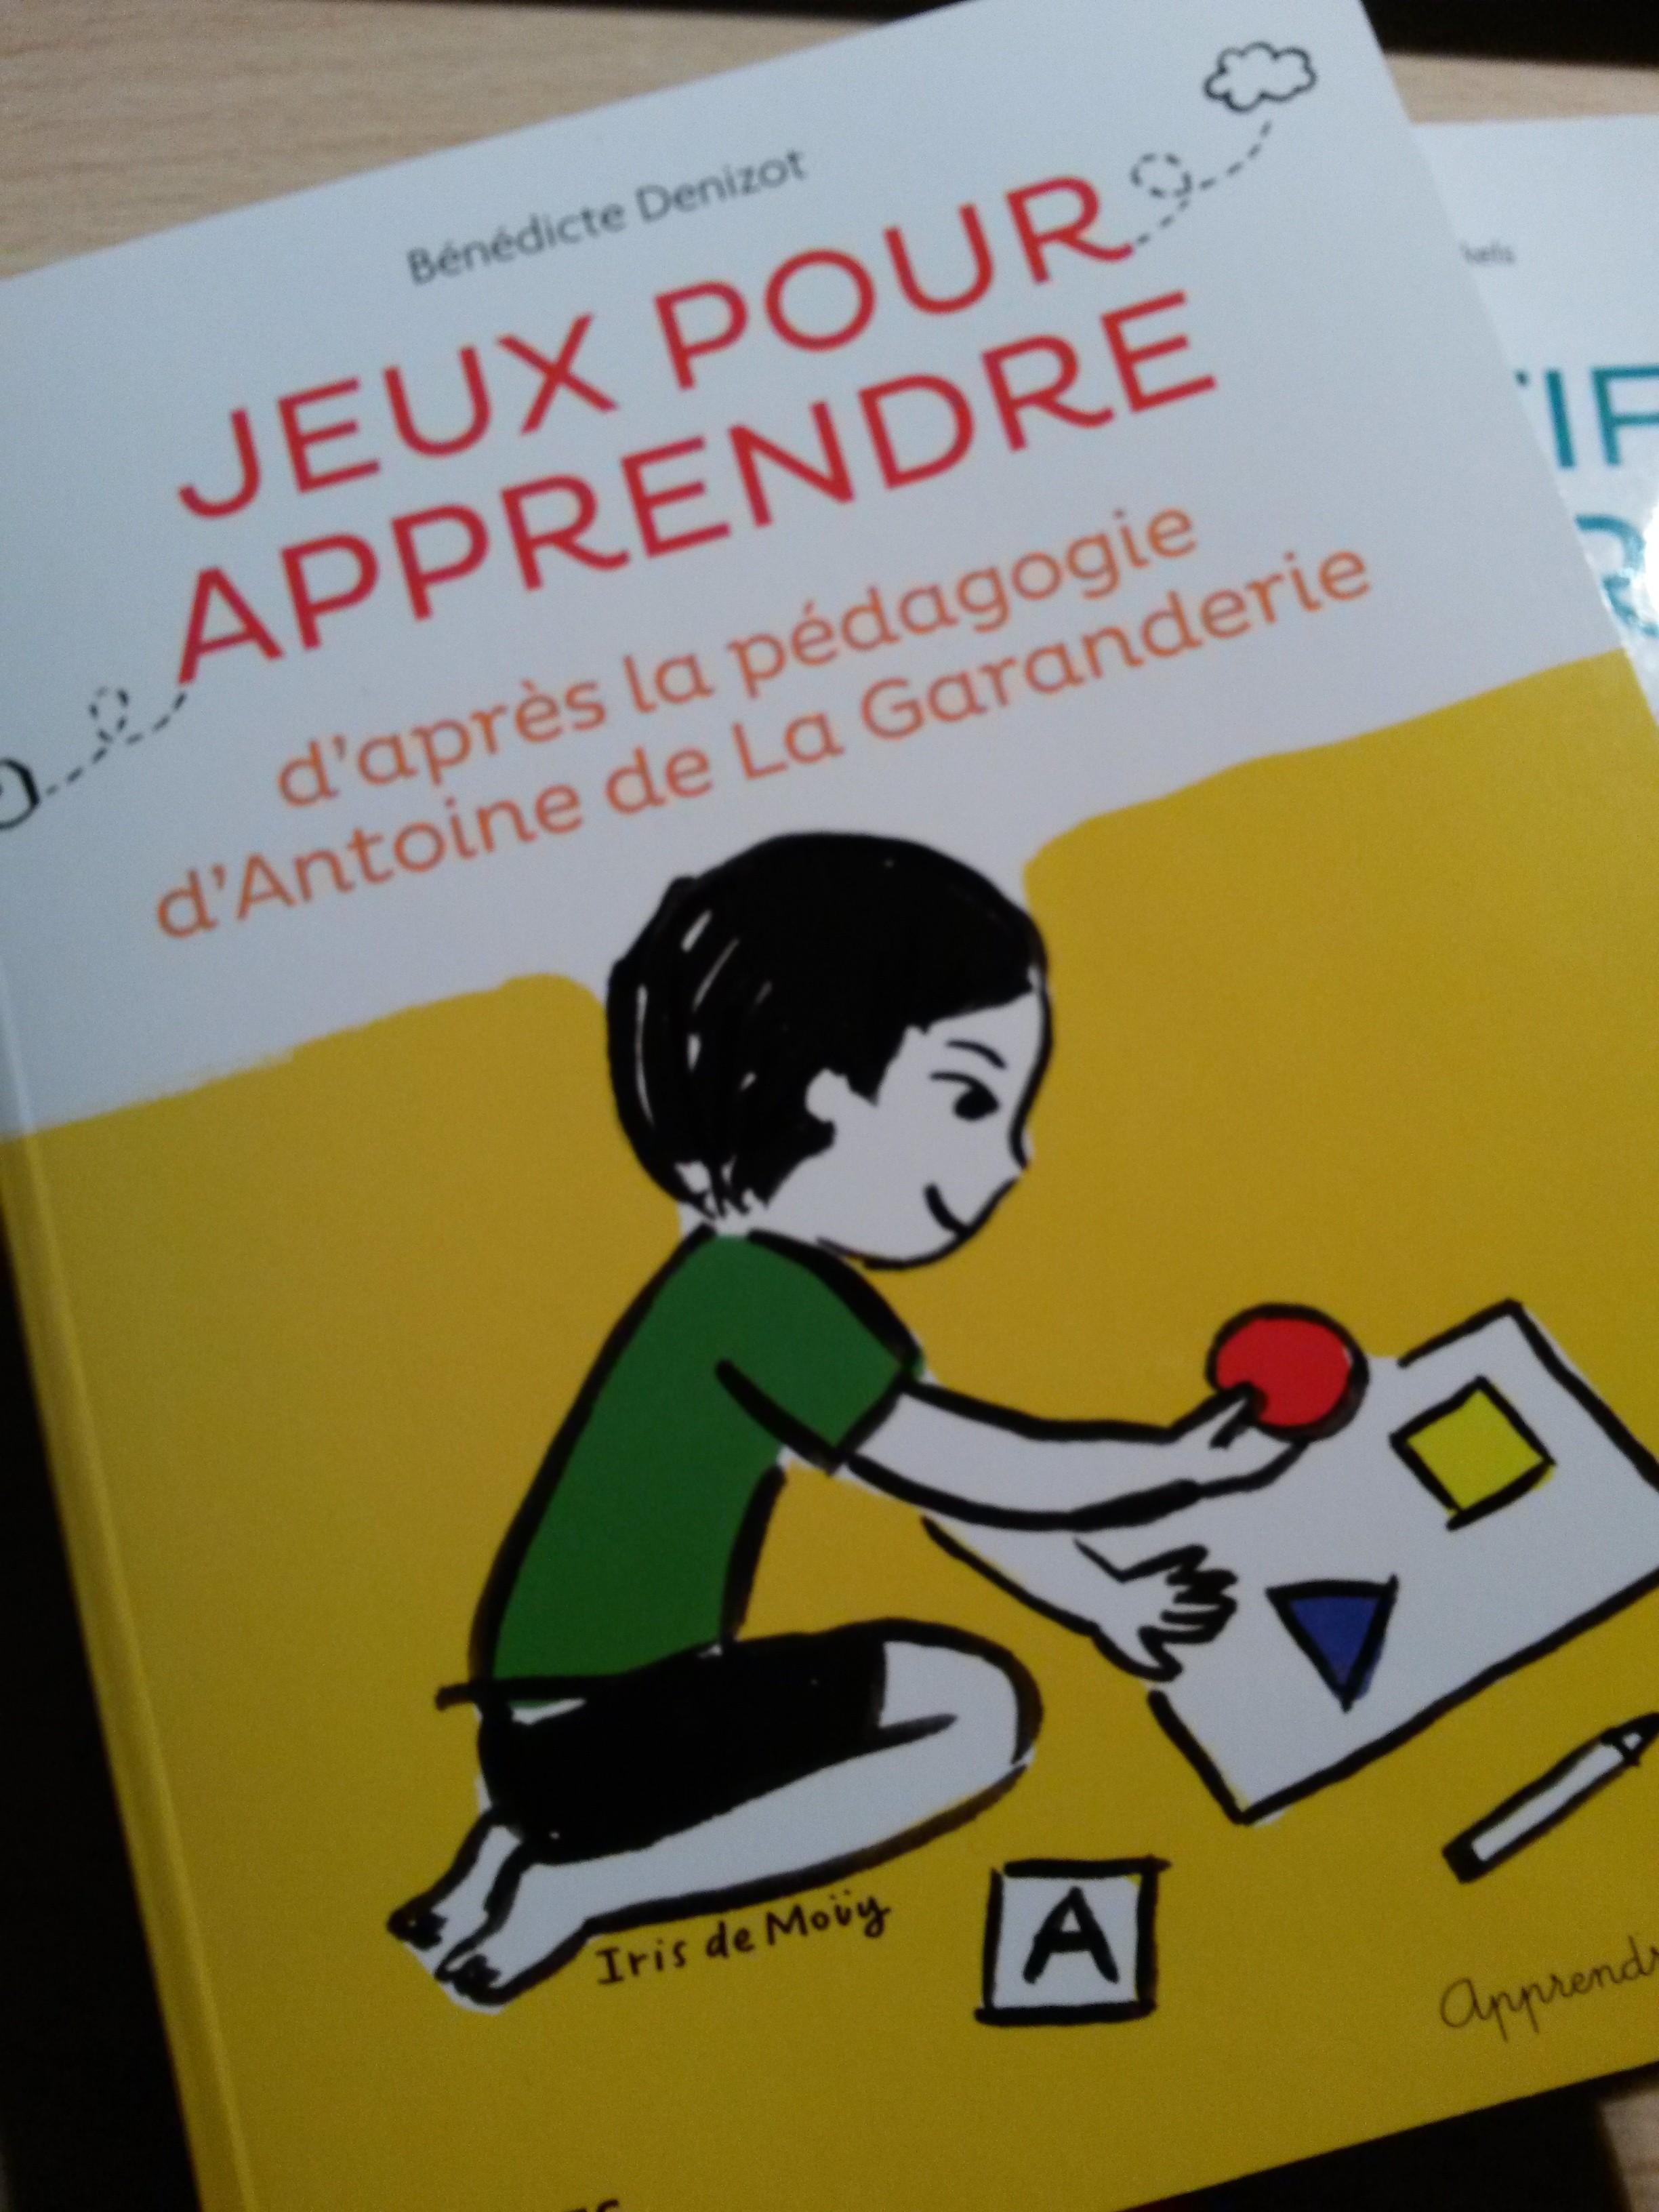 Jeux pour apprendre avec la pédagogie d'Antoine de la Garanderie